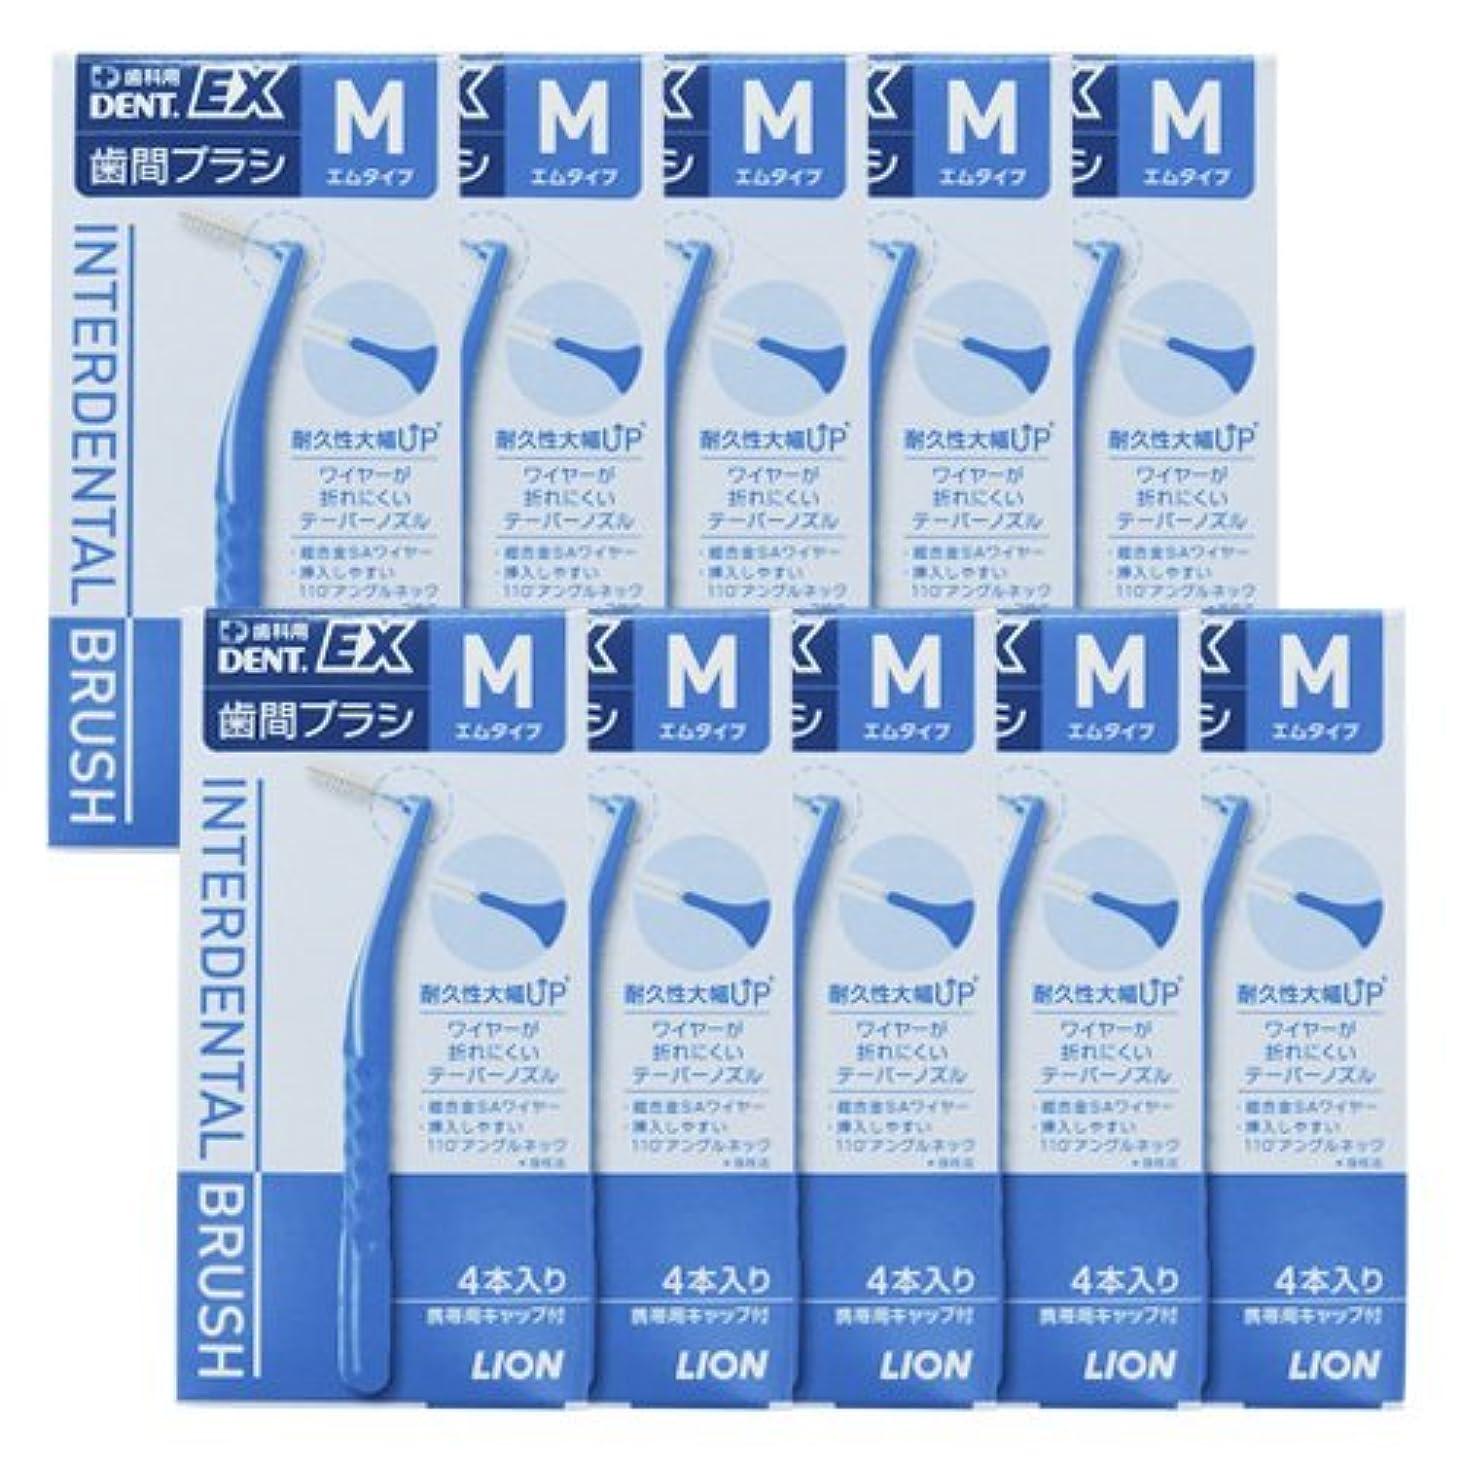 夜明け統計的柔らかいライオン(LION) デント EX 歯間ブラシ M (LION DENT. EX 歯間ブラシ) 10箱 40本セット